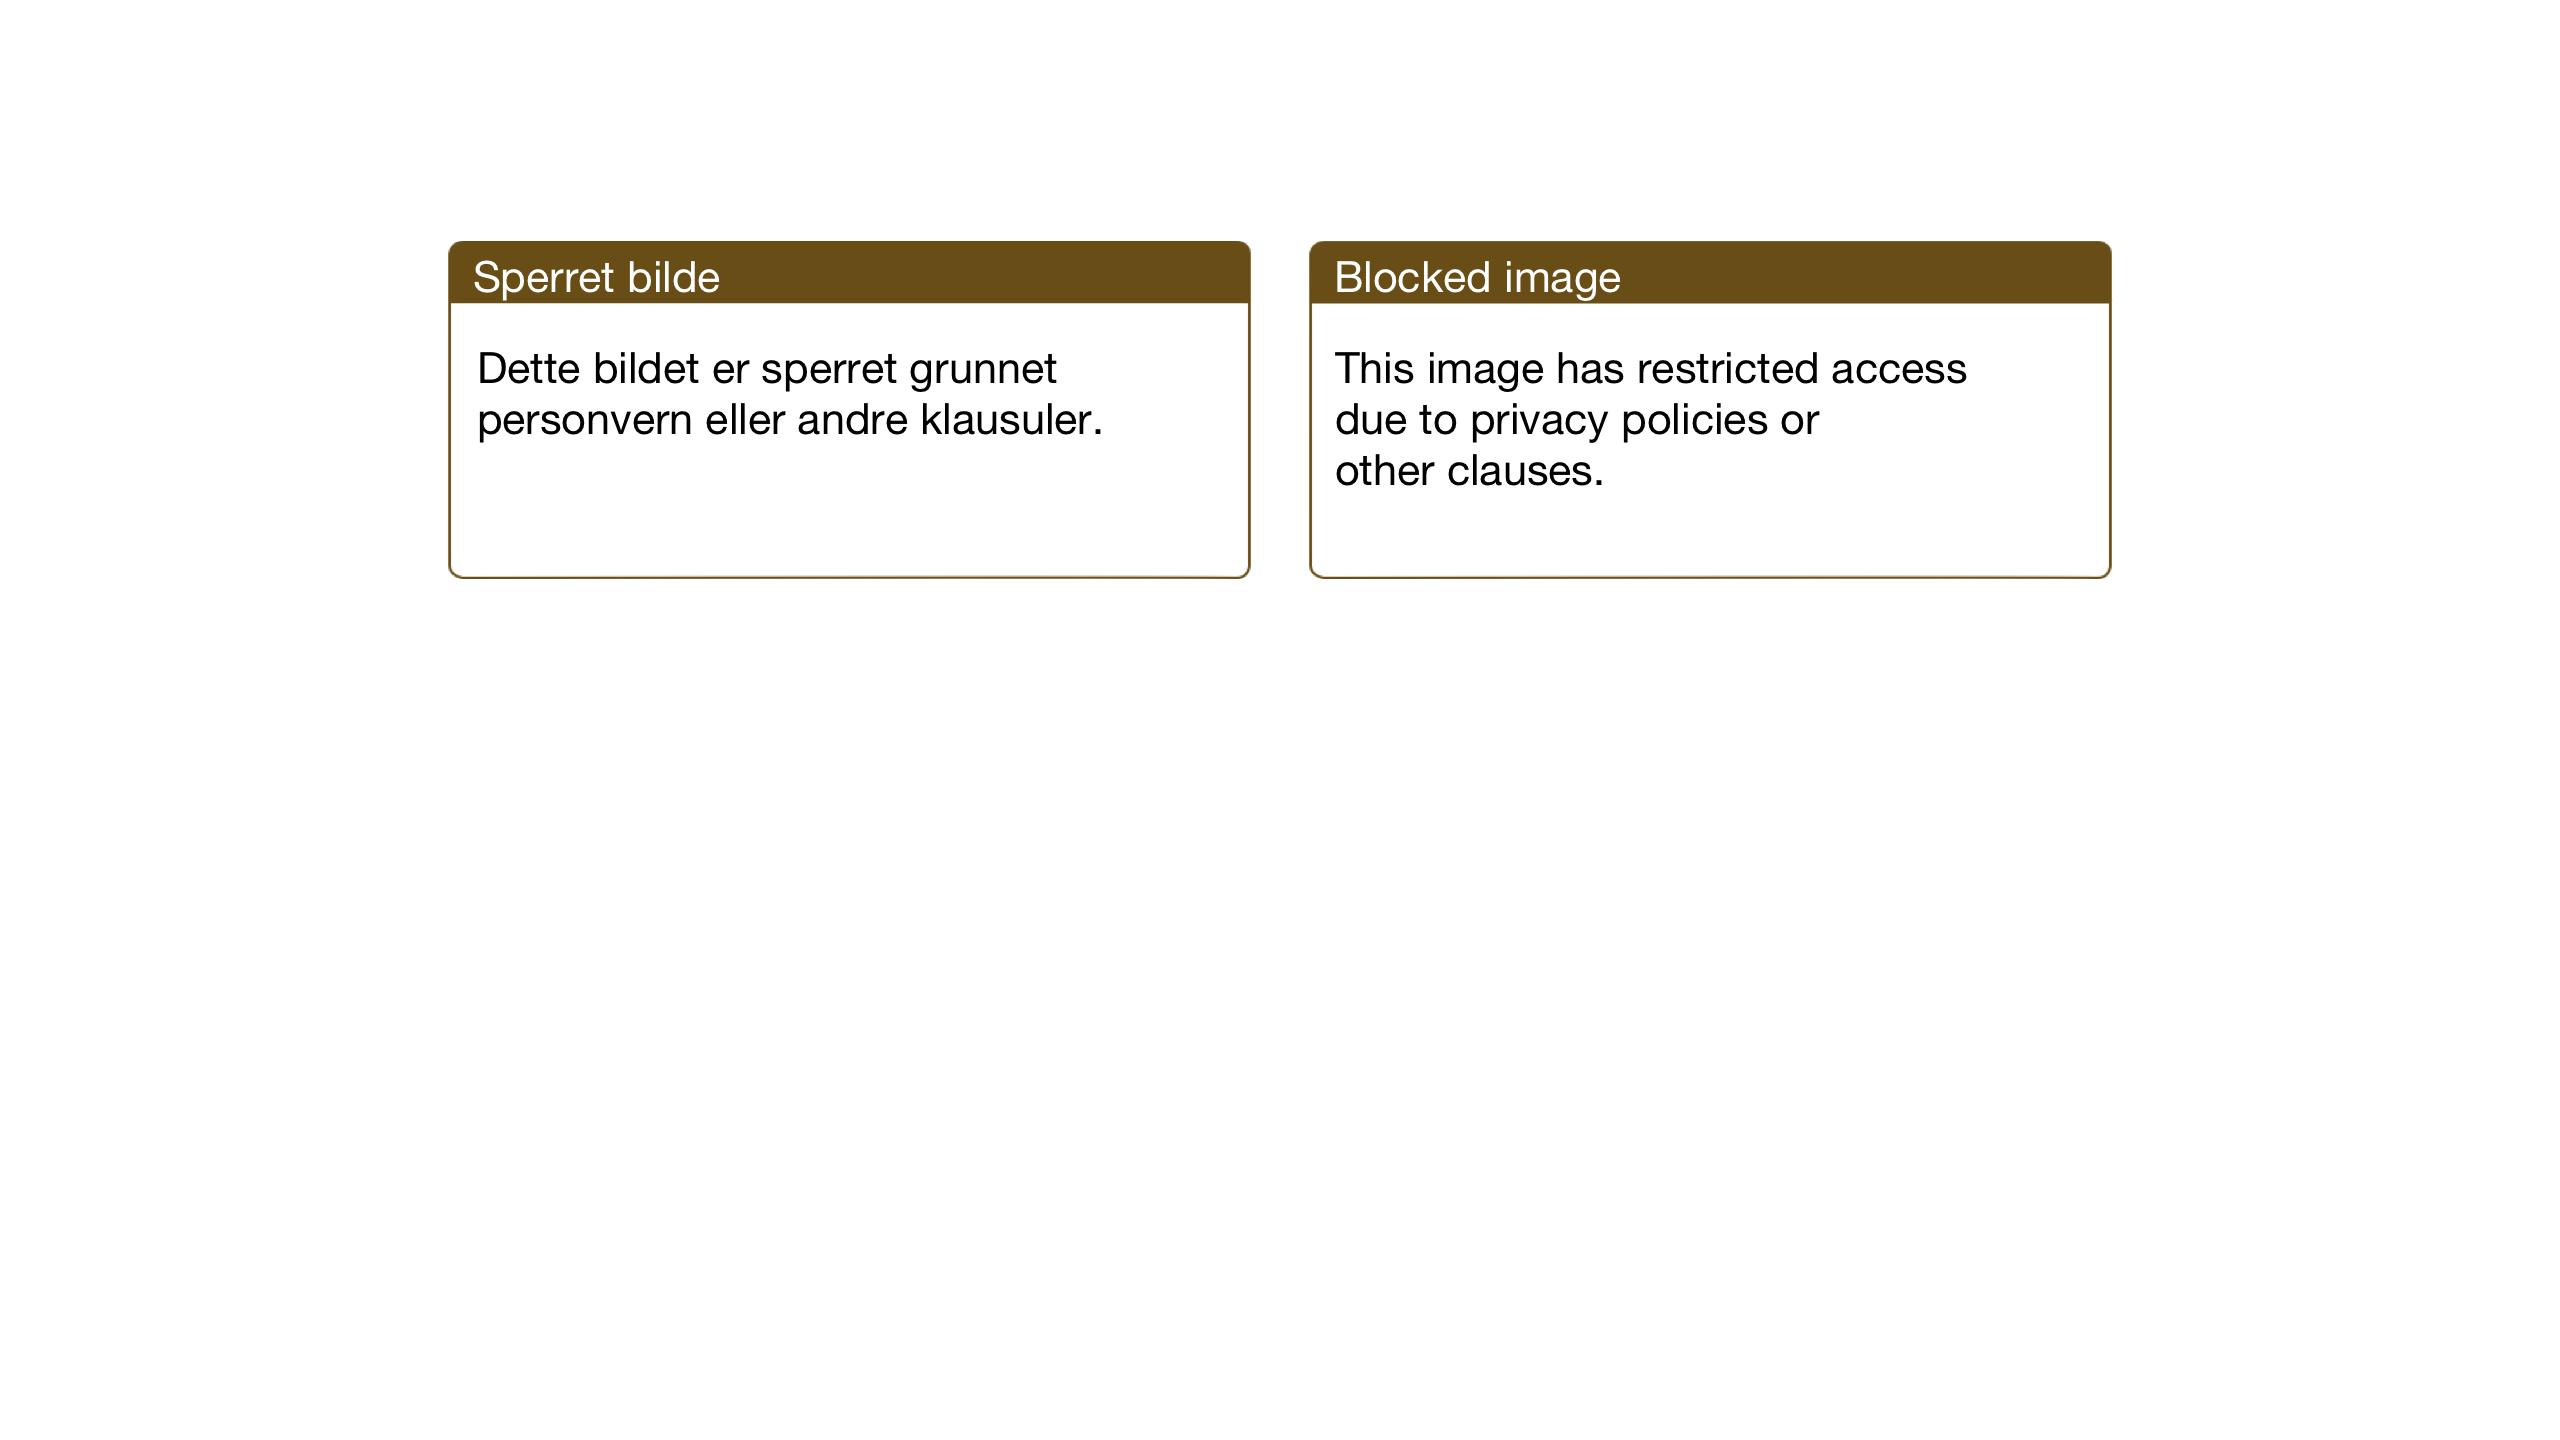 SAT, Ministerialprotokoller, klokkerbøker og fødselsregistre - Nord-Trøndelag, 701/L0019: Klokkerbok nr. 701C03, 1930-1953, s. 200